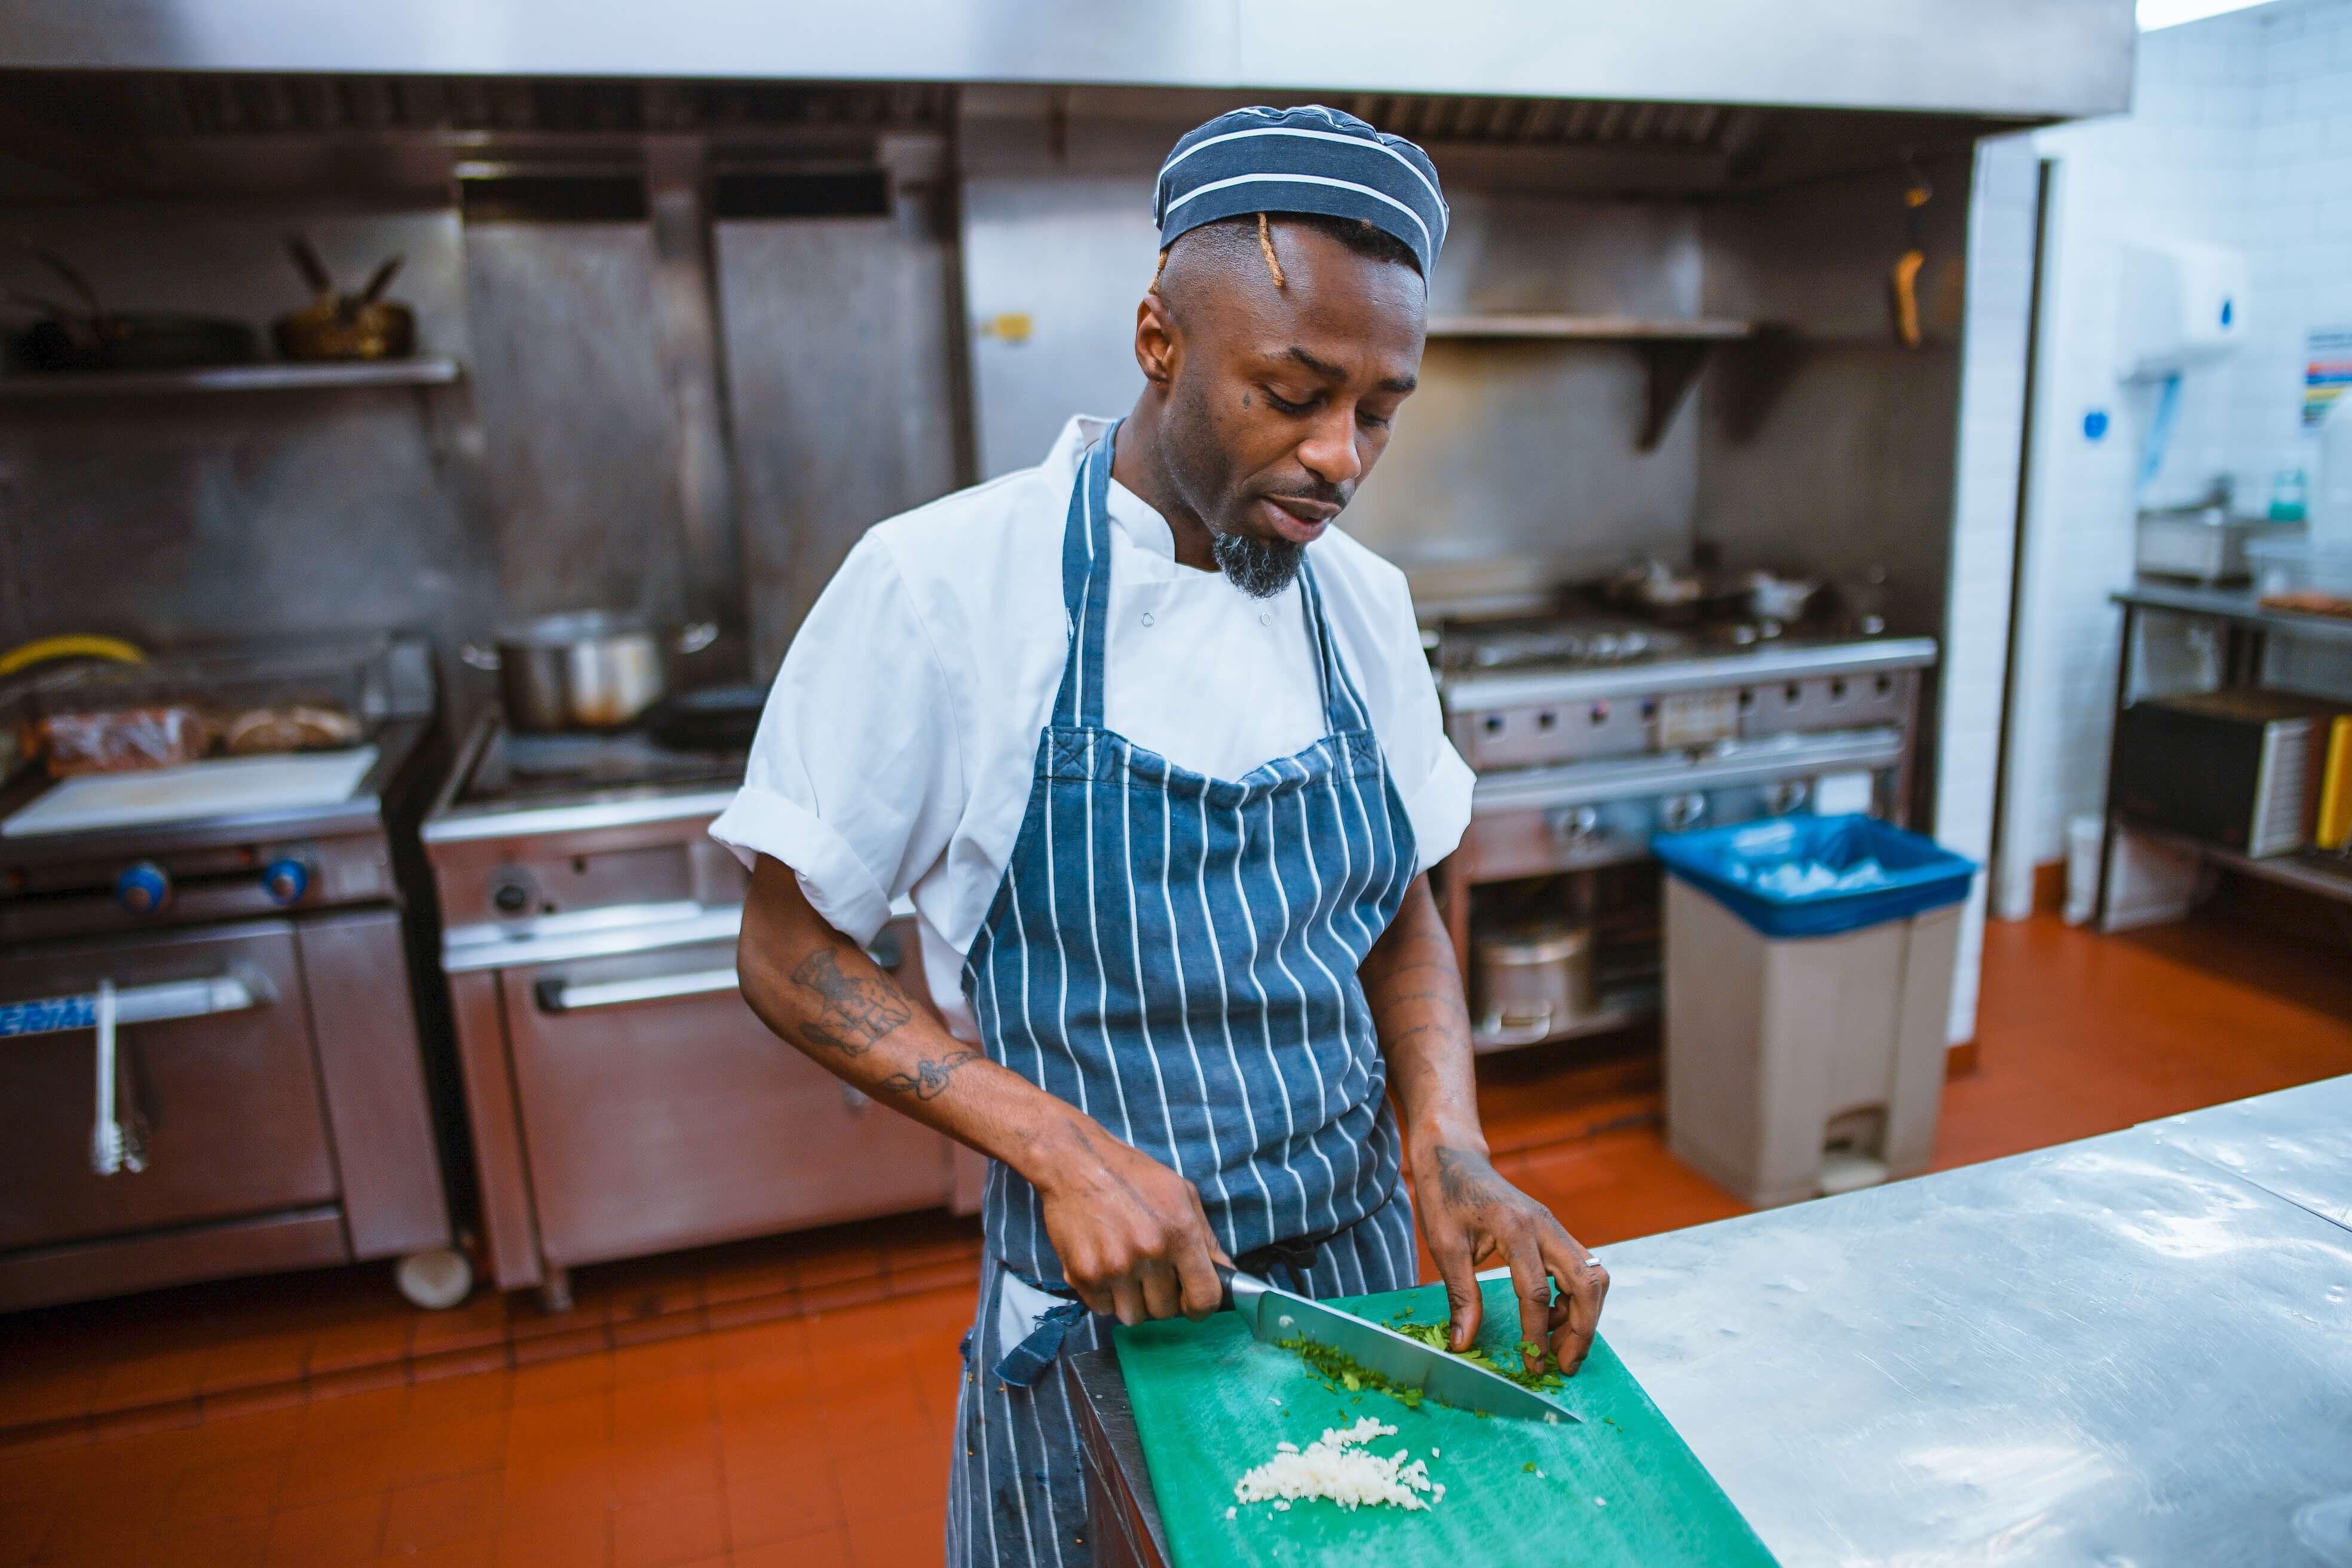 kitchen resort hotel chef hospitality